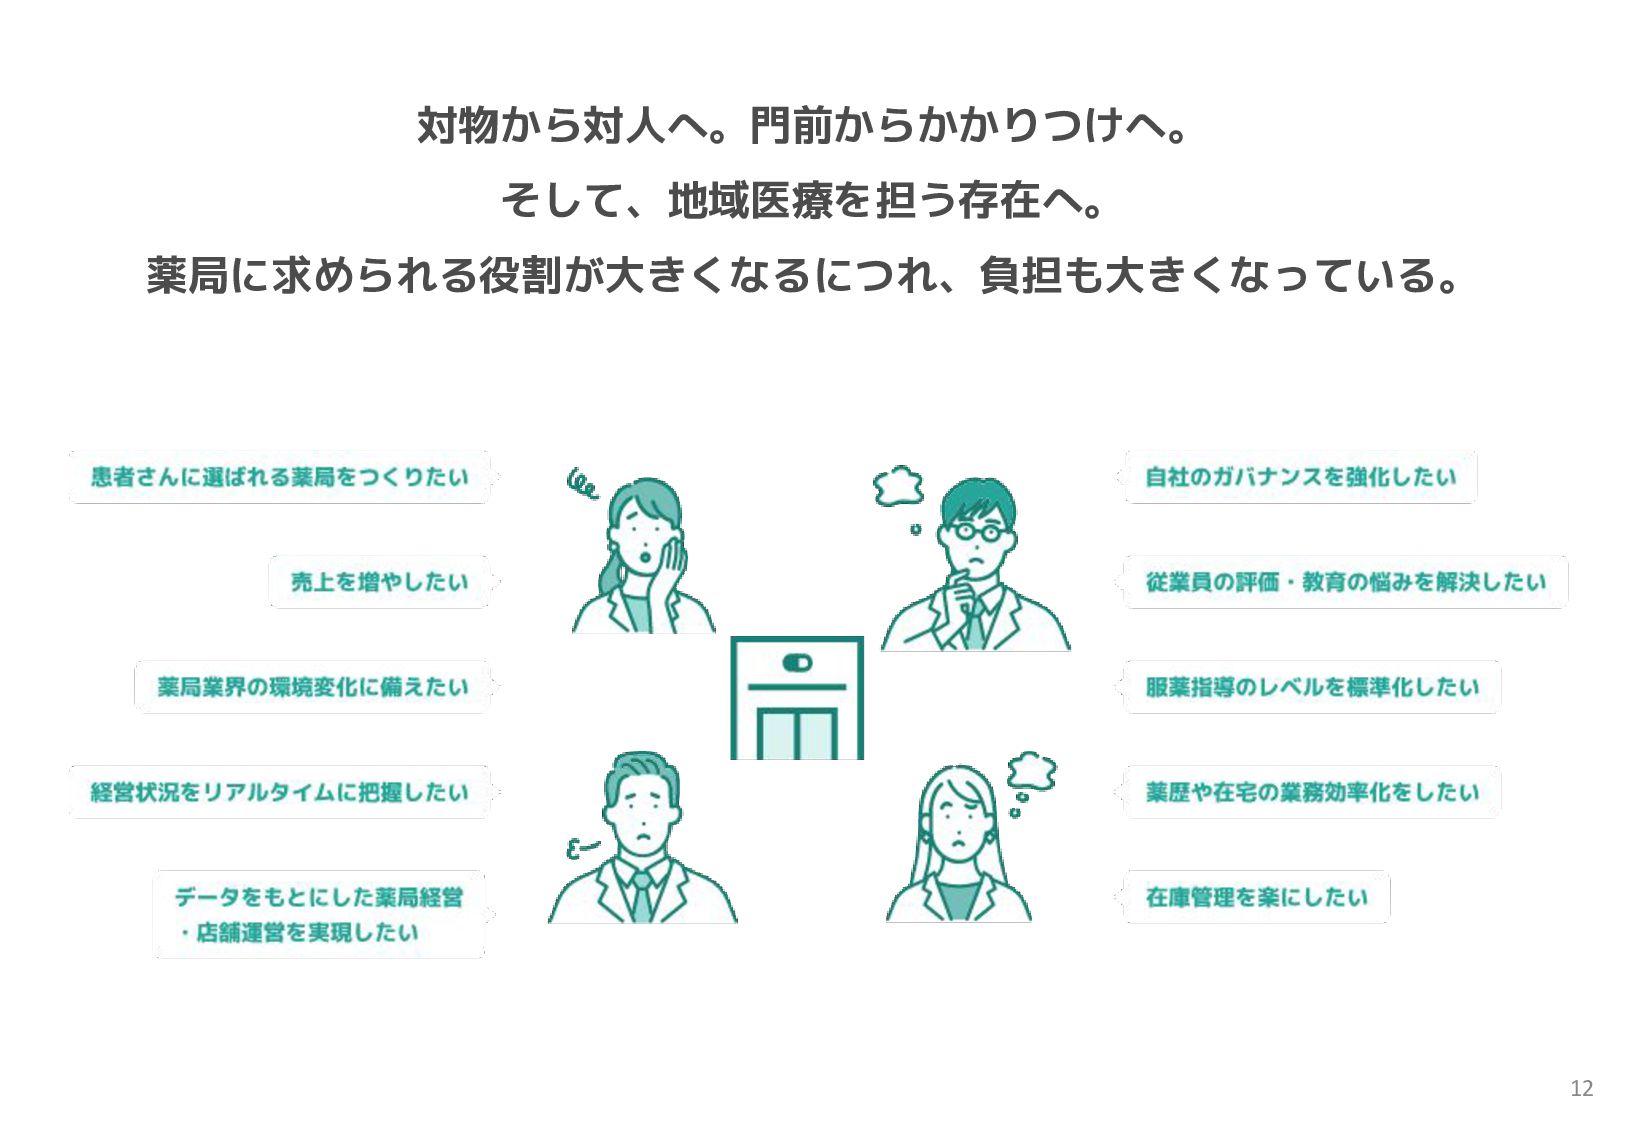 構造的な業務改善で、本来の業務に集中できる環境づくり。 Musubiの提供価値①:薬歴記入業務...